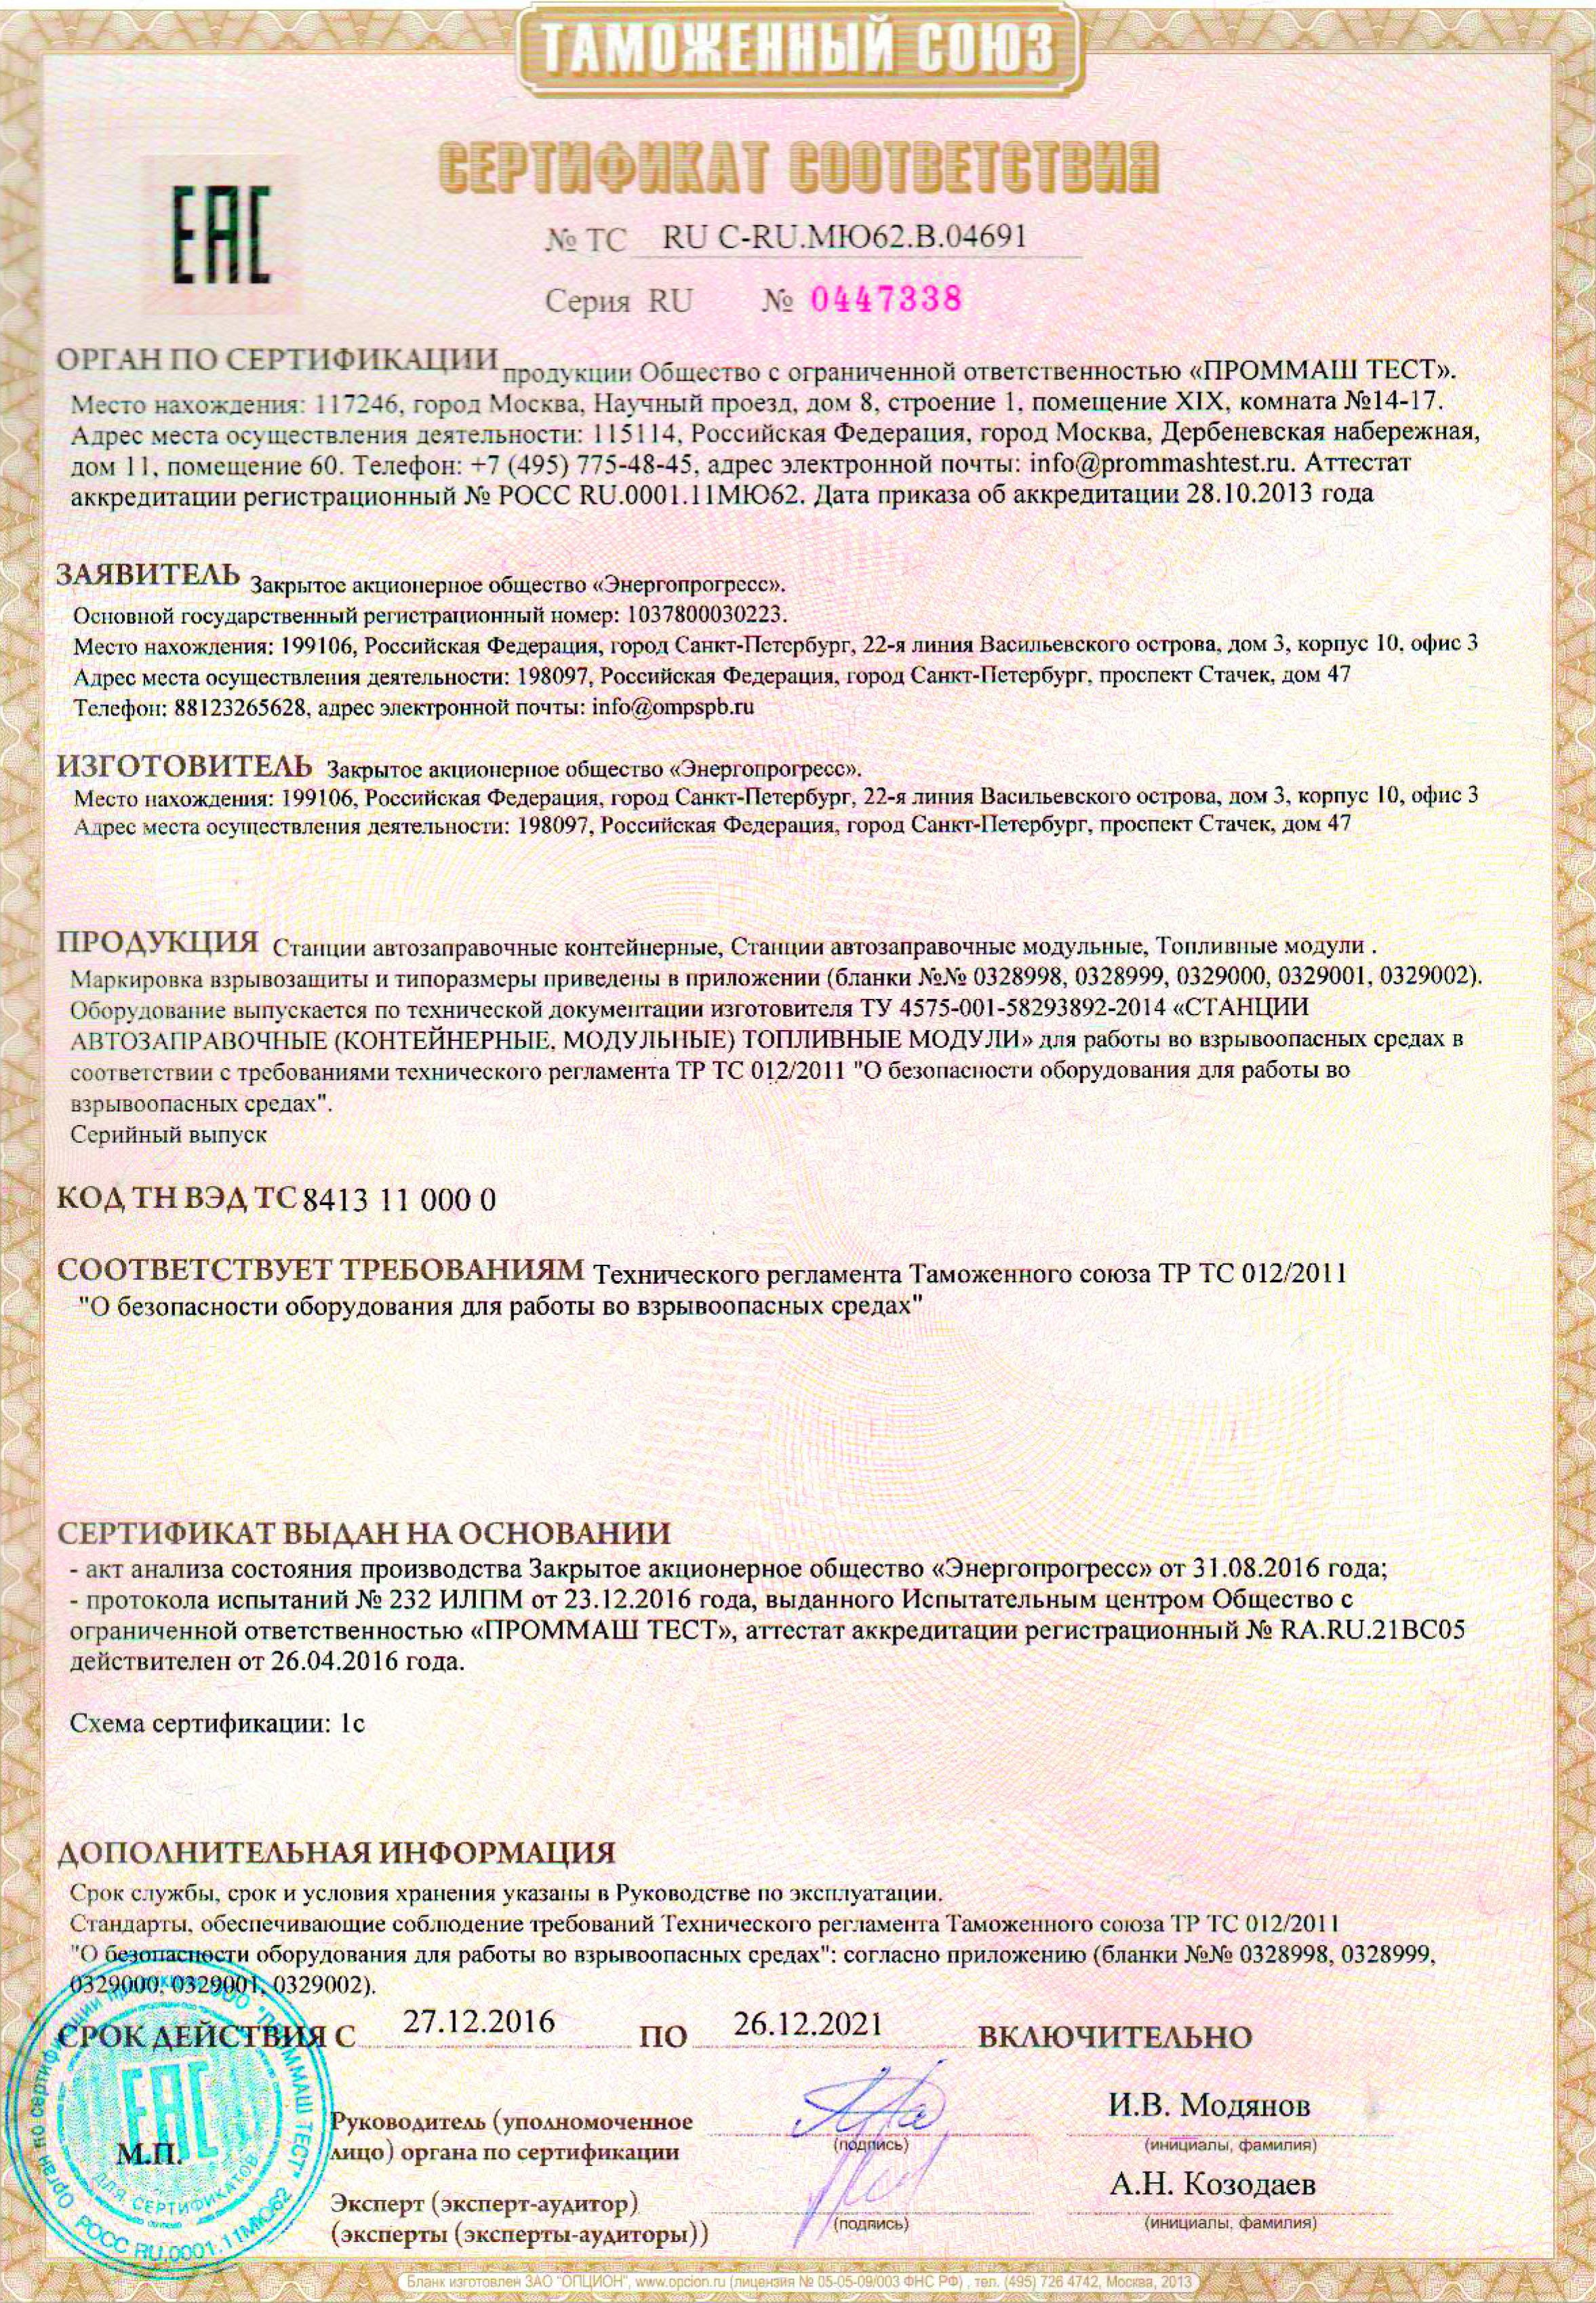 сертификат КАЗС,МАЗС,ТМ (работа во взрывоопасных средах)-1